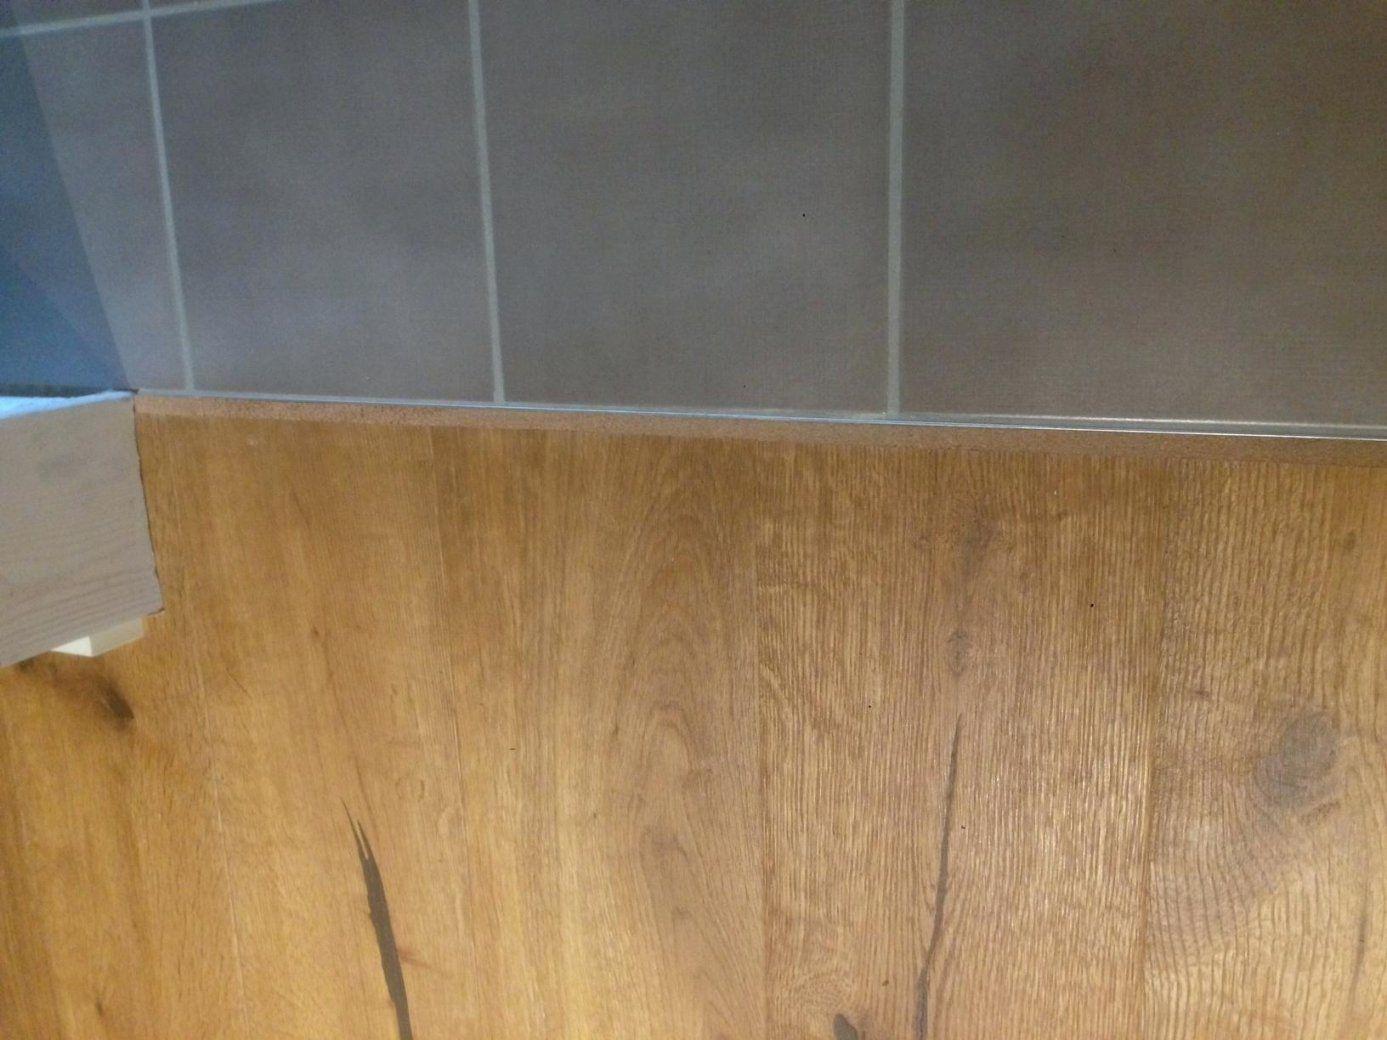 Fußbodenheizung Verlegen ~ Fußbodenheizung verlegen holzboden fussbodenheizung dreischicht